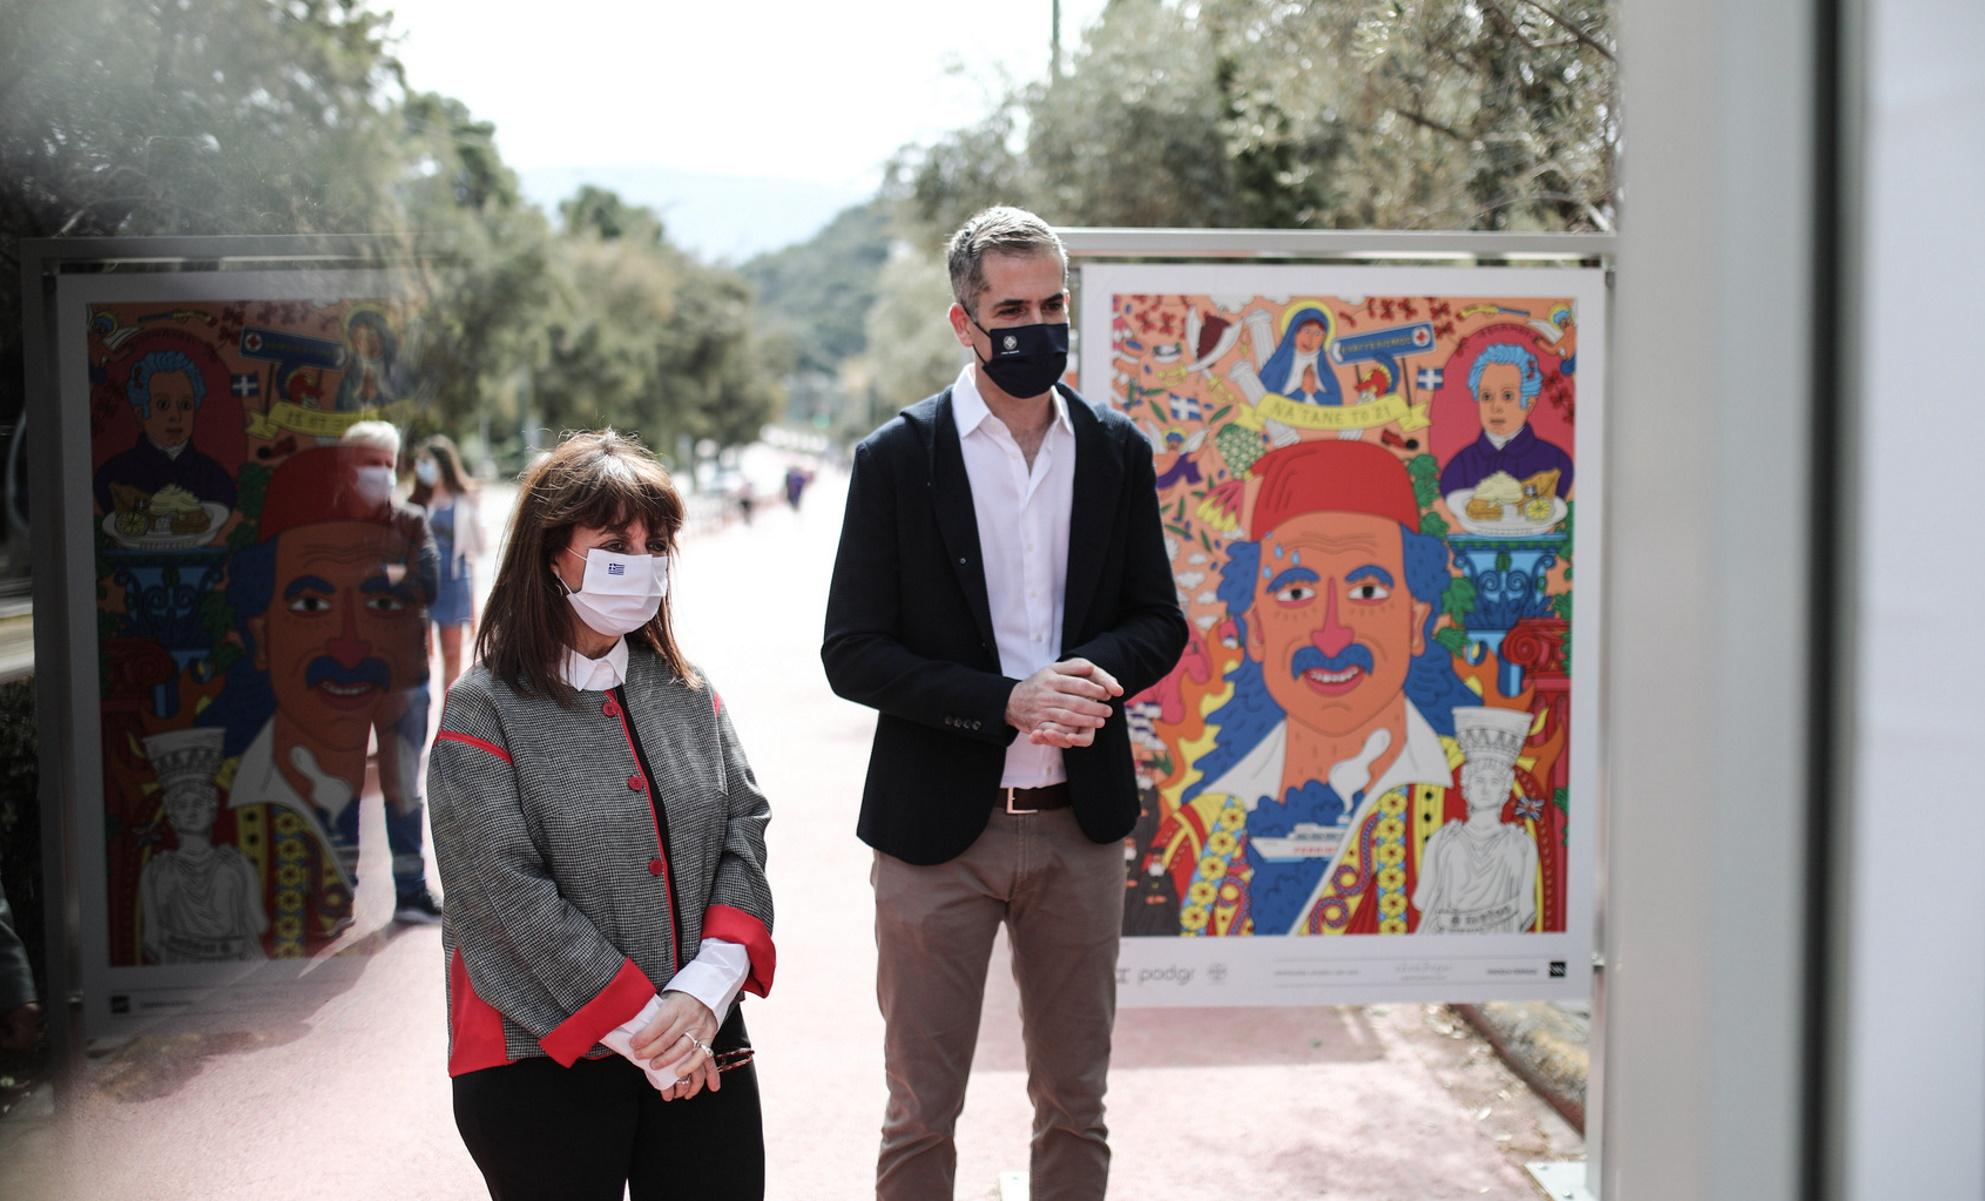 Σακελλαροπούλου: Ξεναγήθηκε από Μπακογιάνη στην έκθεση «200 χρόνια Ελλάδα» (pics)